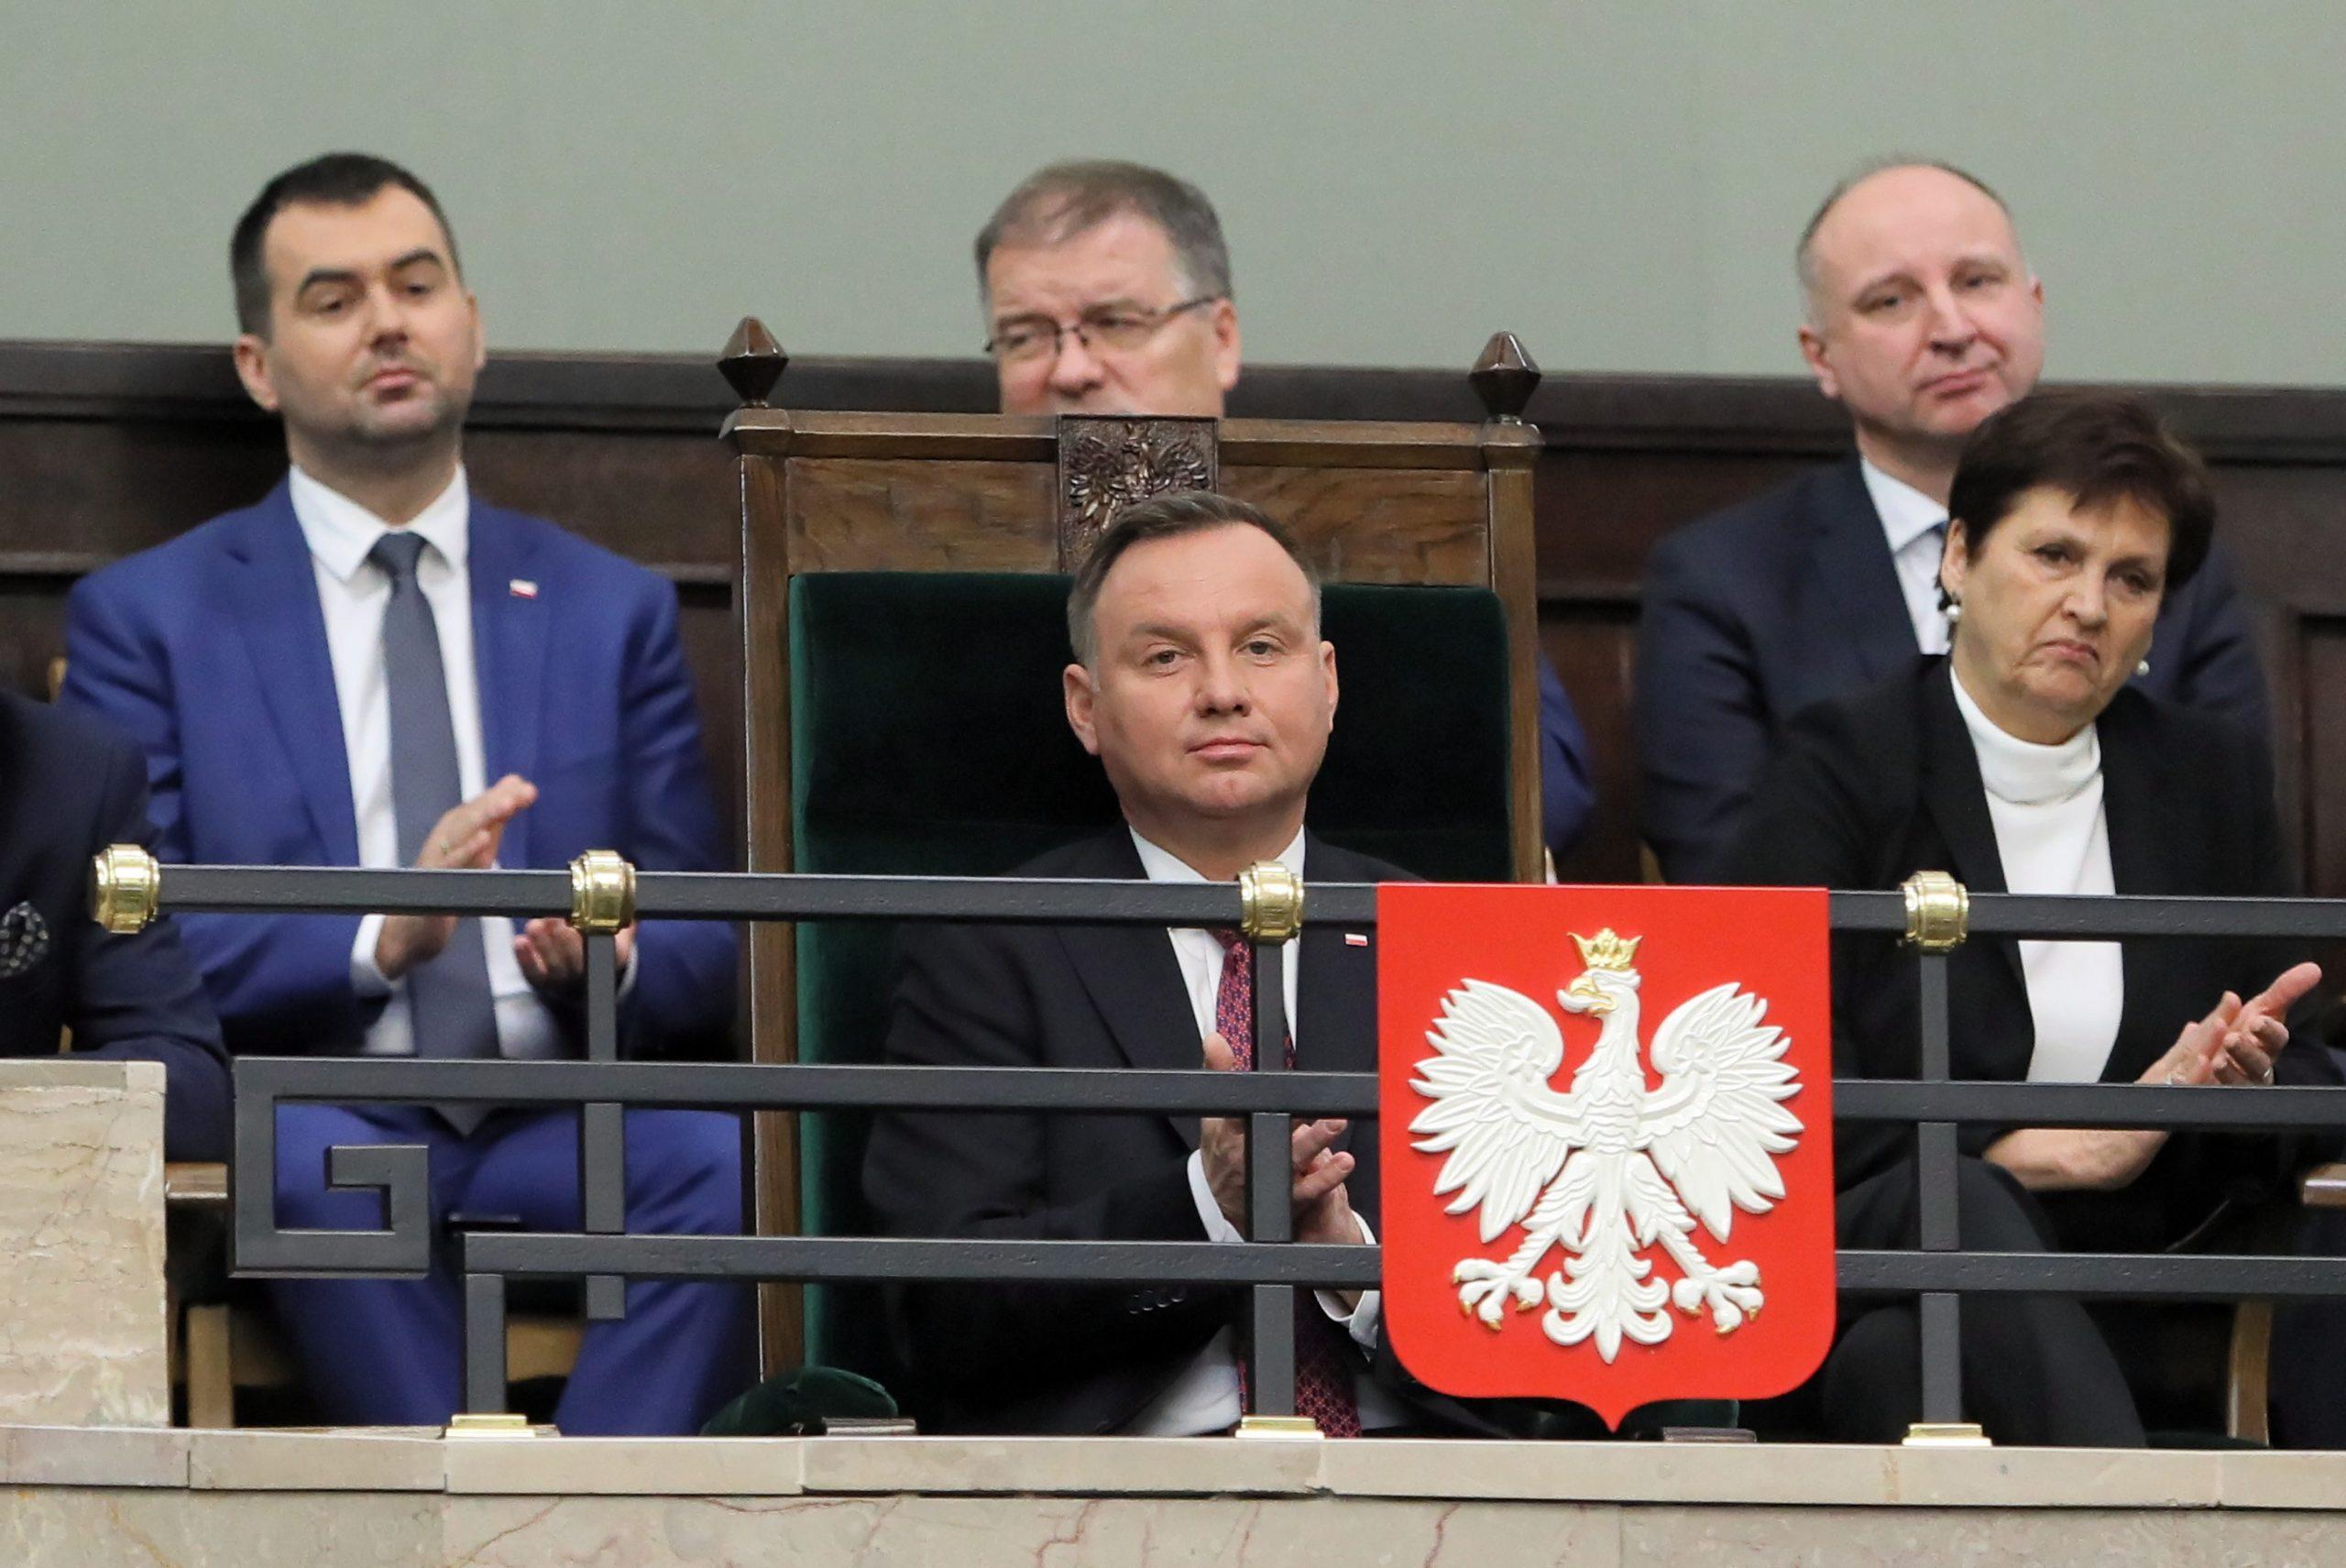 Poljski parlament raspravljat će o odbacivanju Istanbulske konvencije